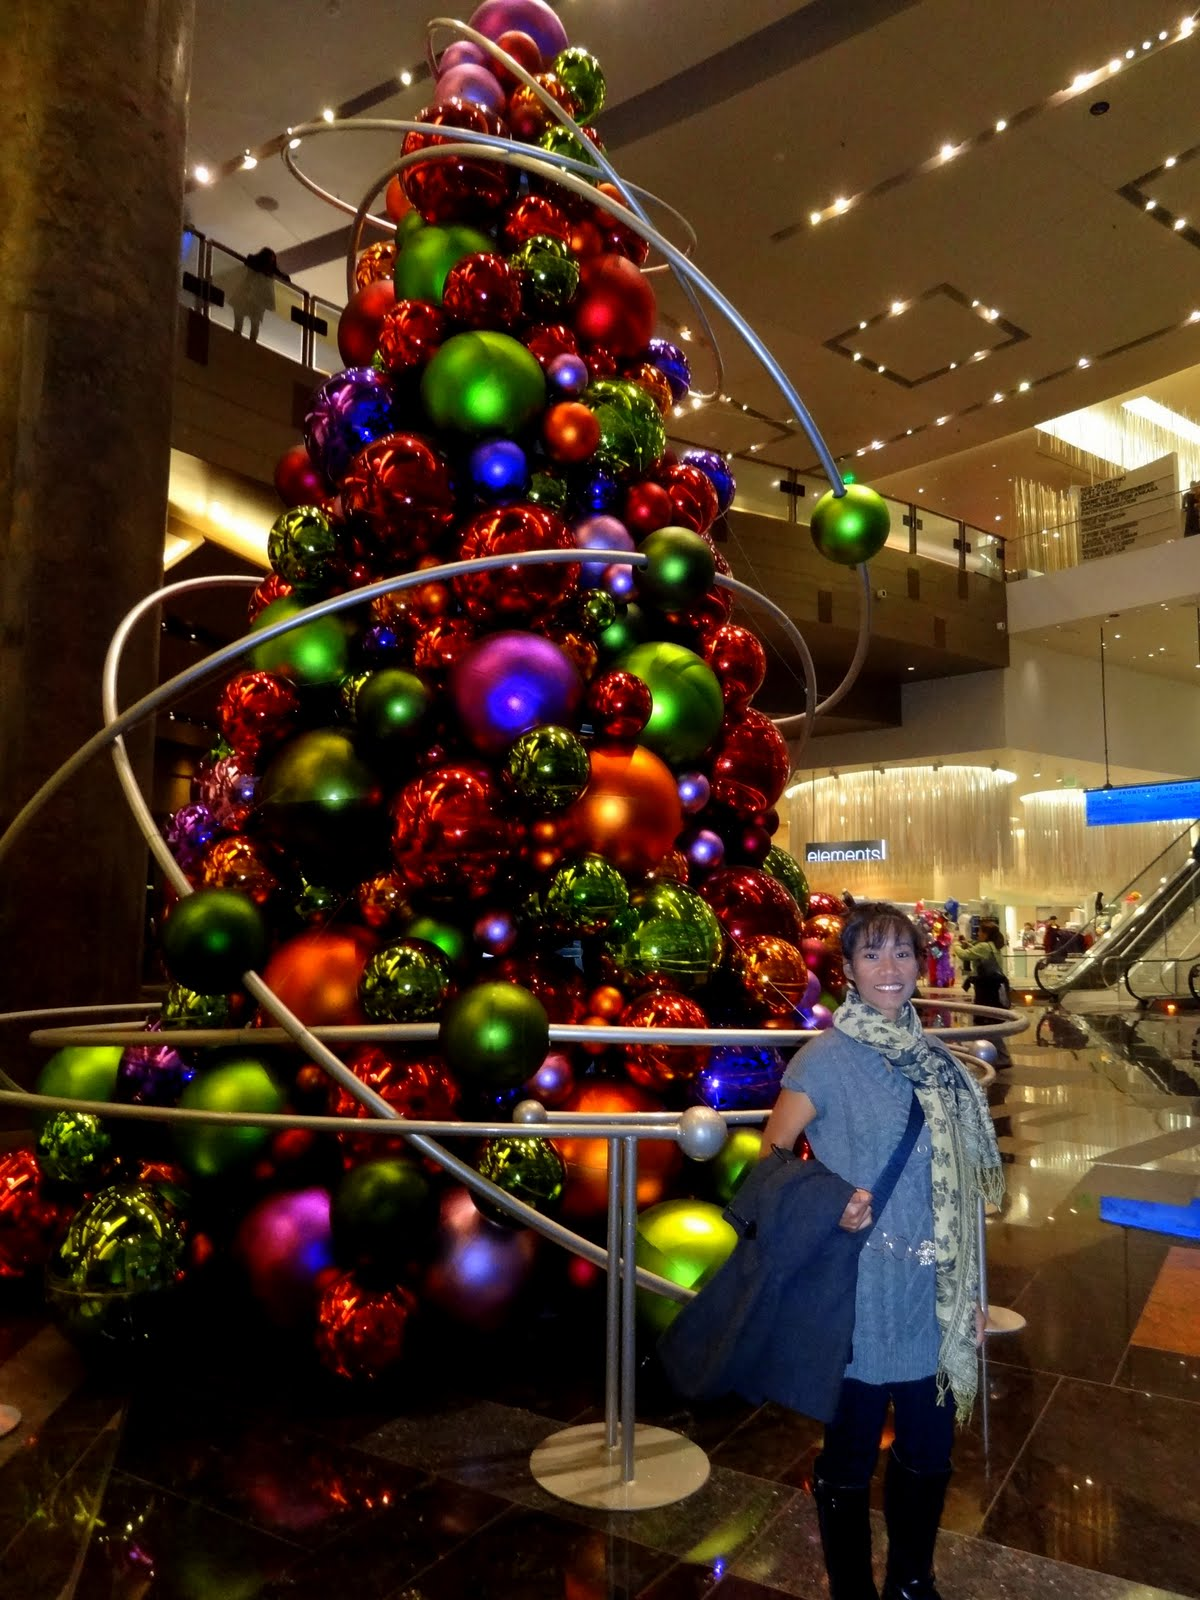 Hotel Decorations in Las Vegas